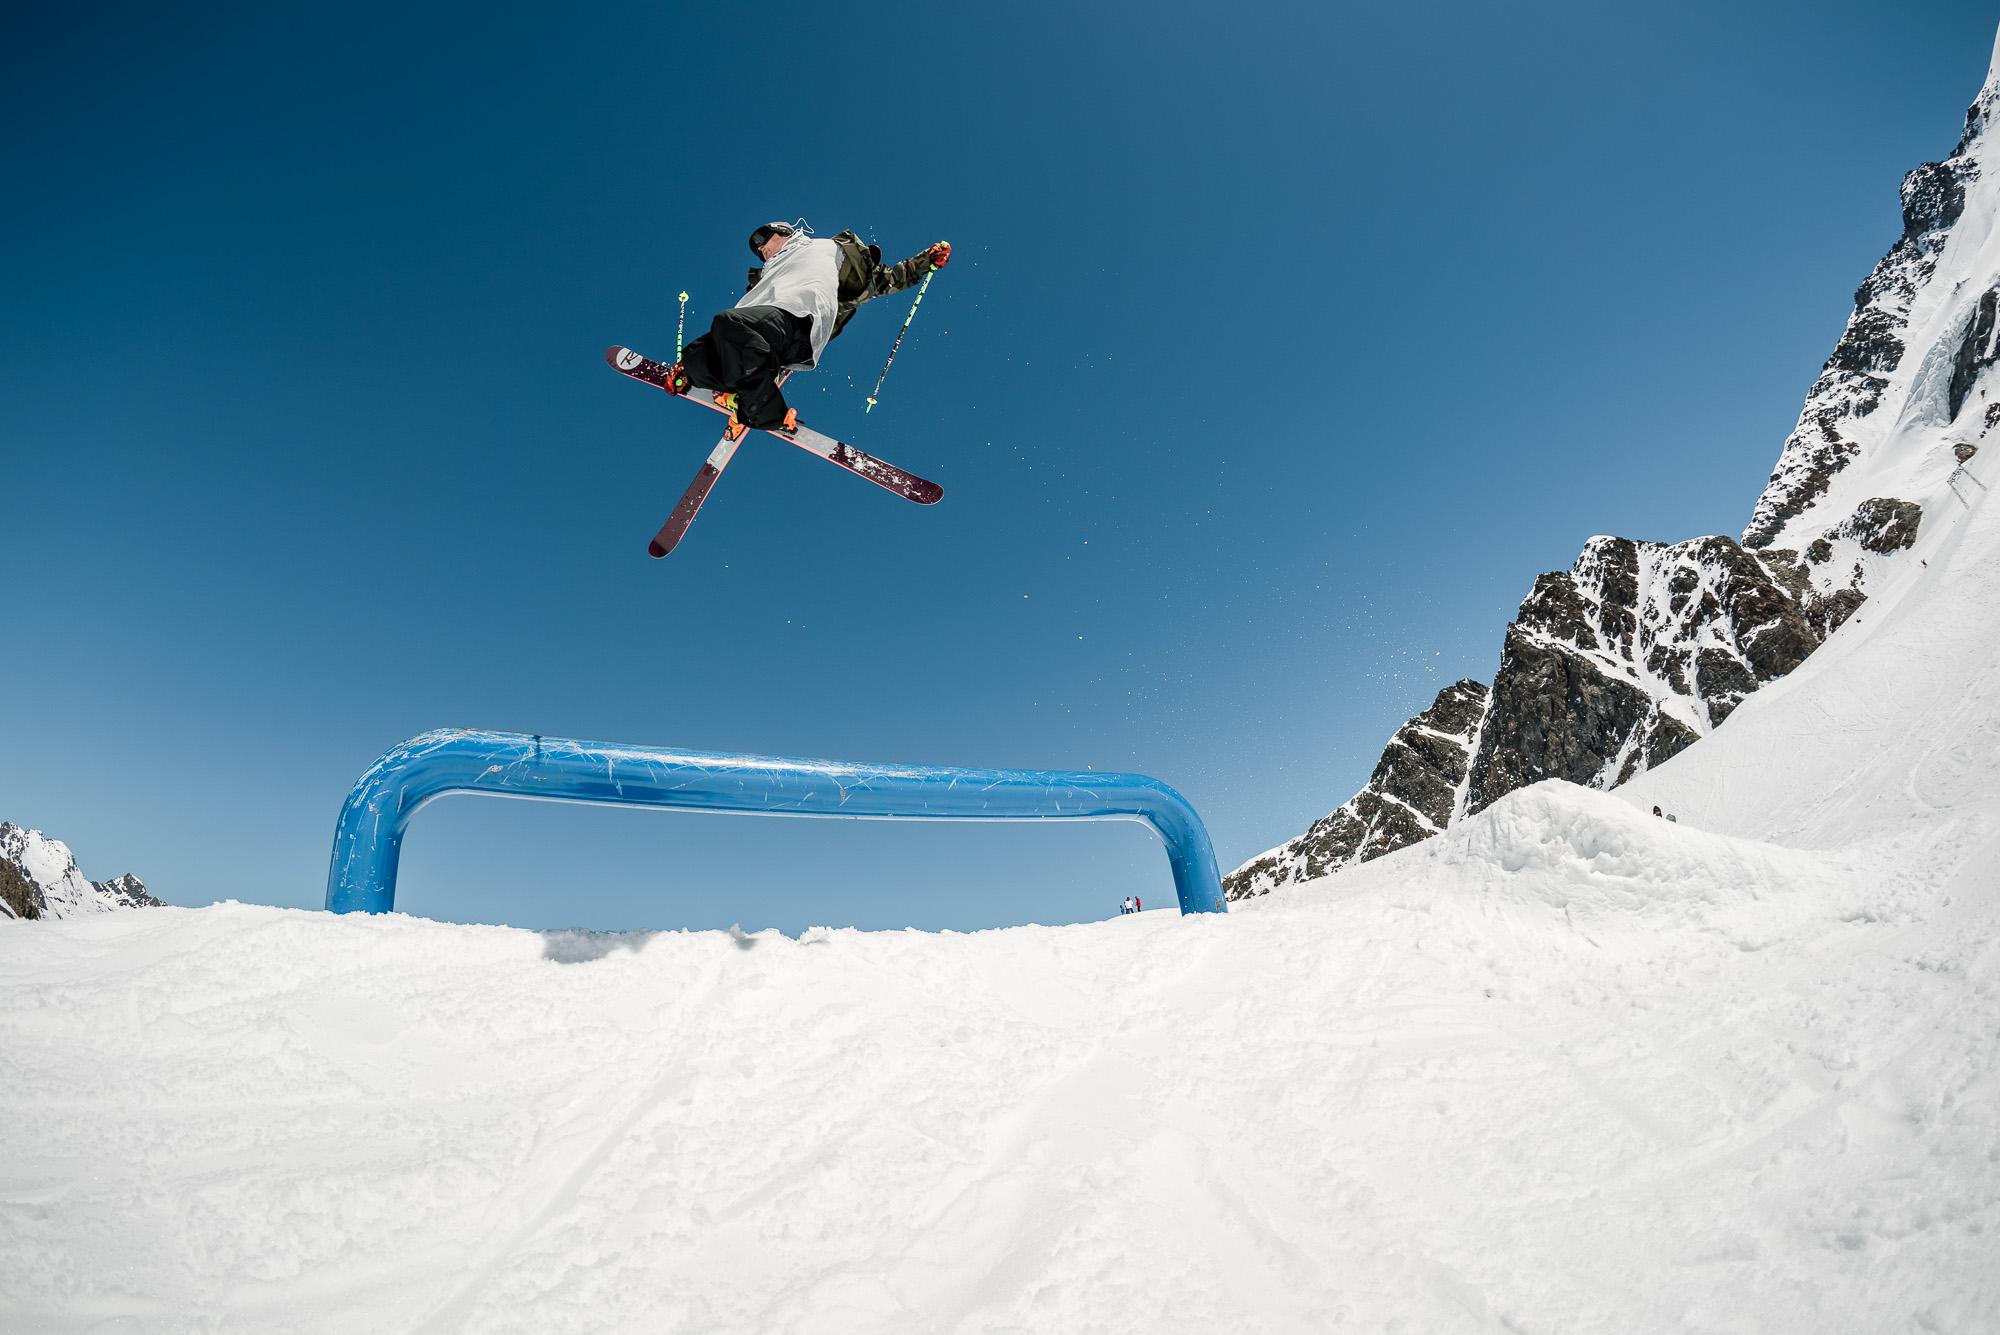 Schöööööööön den Ski bis zum geht nicht mehr getweaked, so wollen wir das sehen!